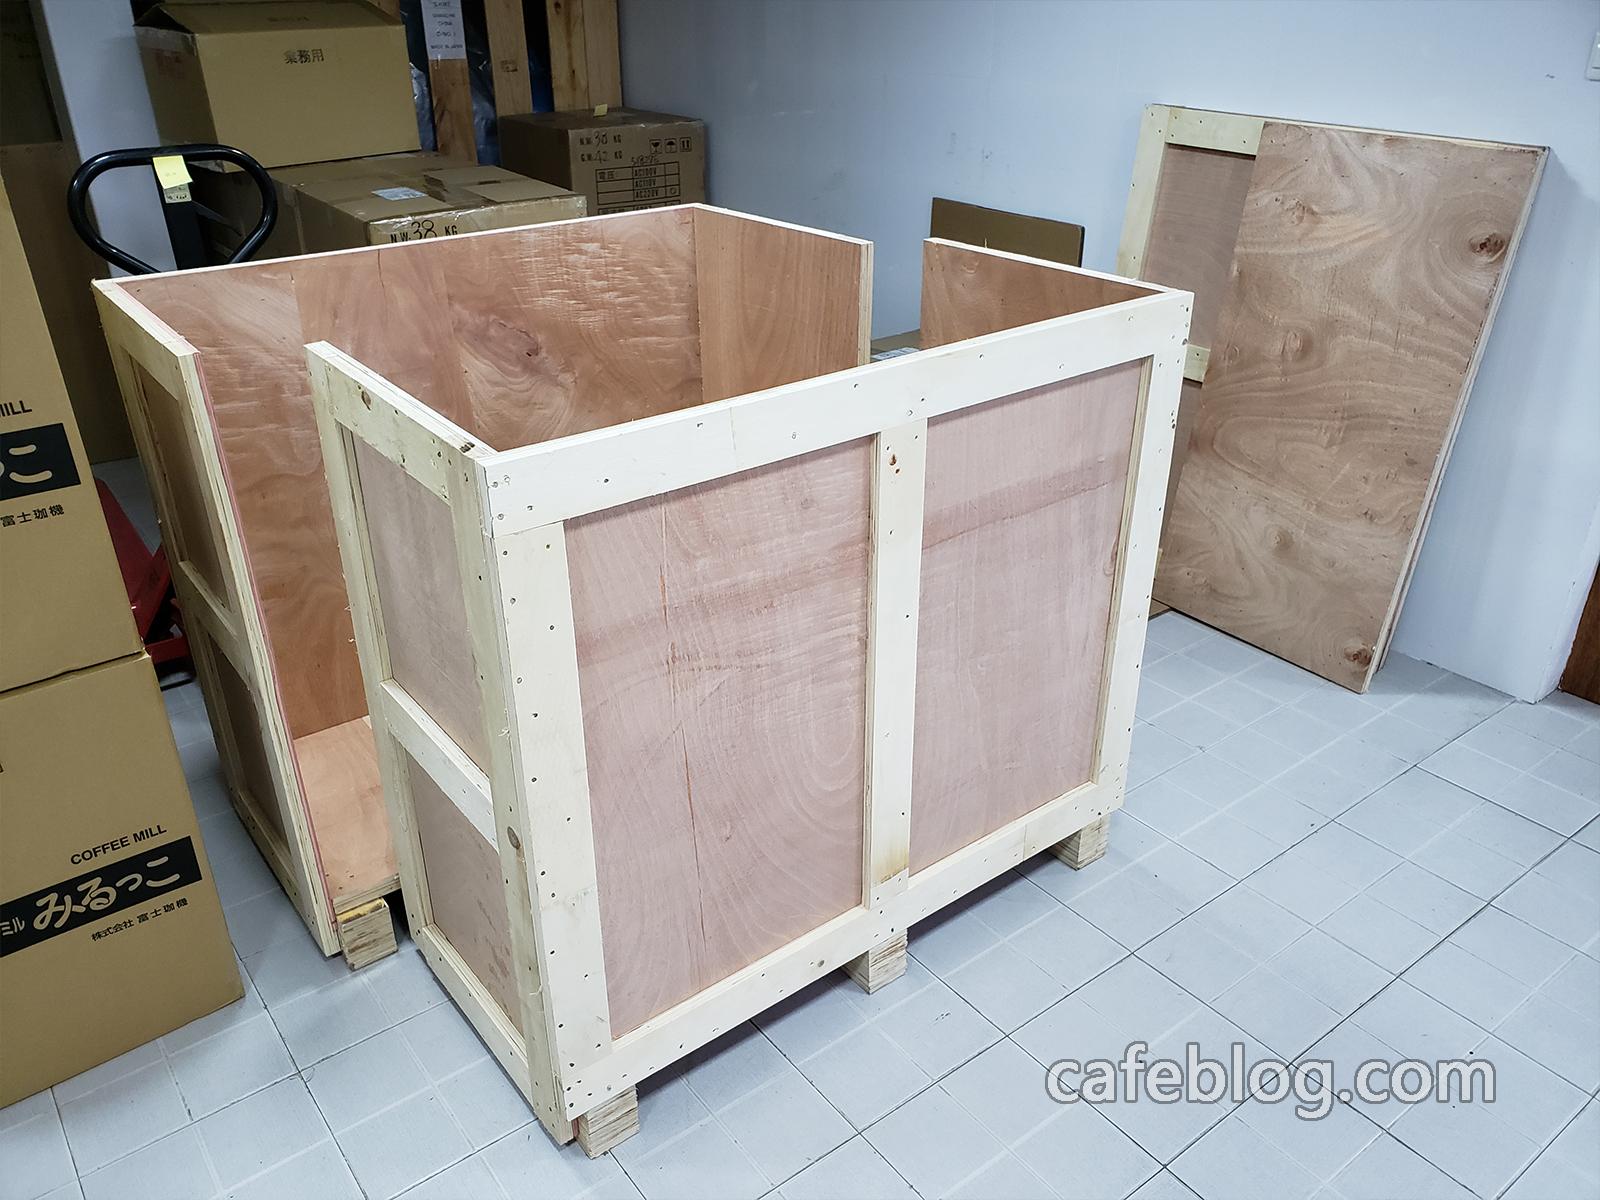 R-101(1公斤)的烘焙机的木箱也做好了。